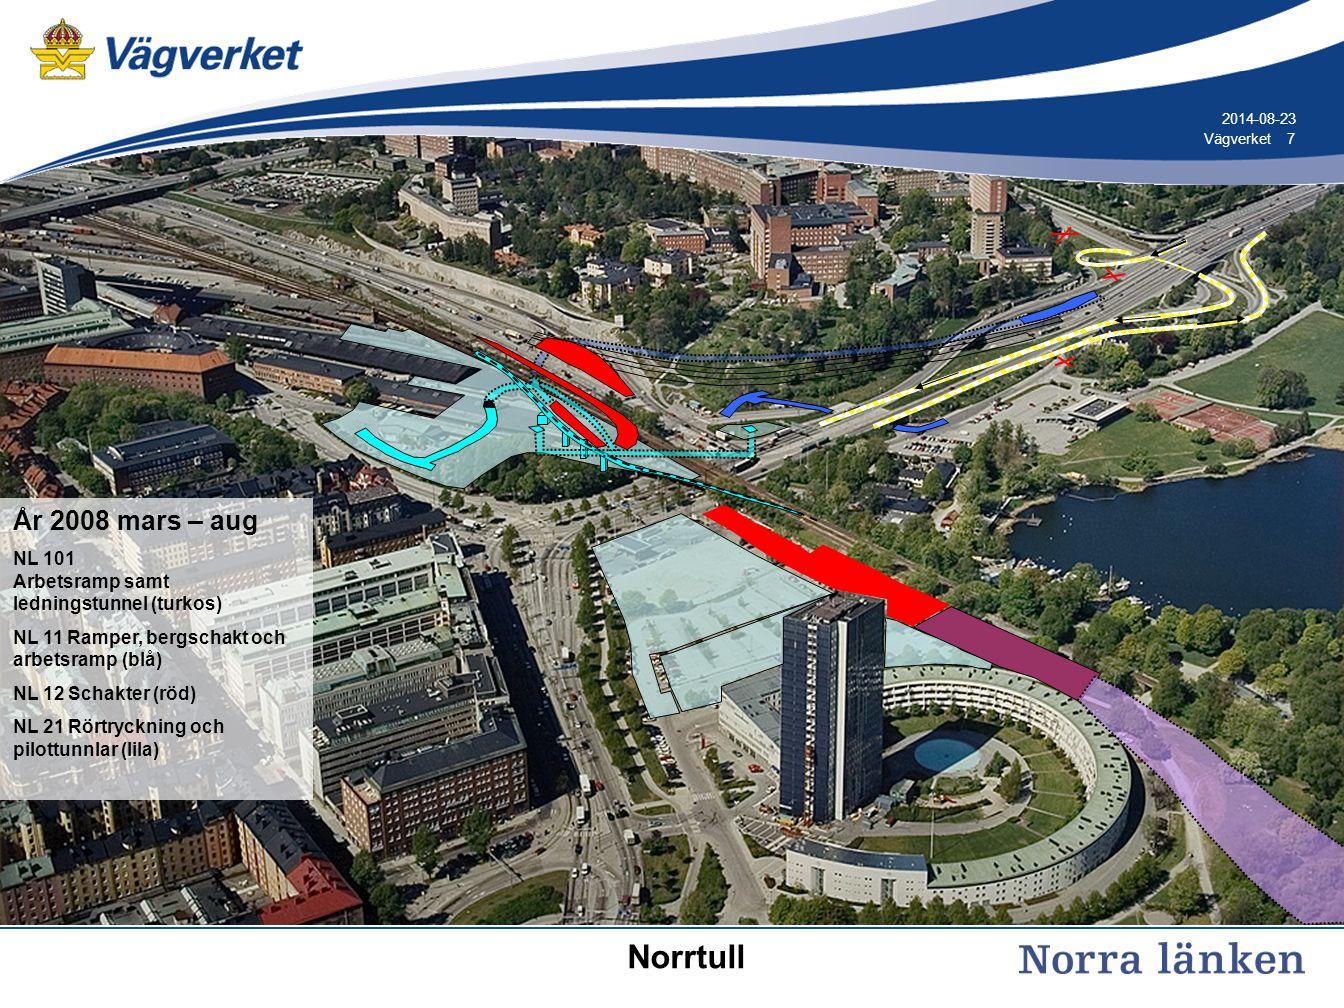 8 8Vägverket 2014-08-23 År 2008 aug Trafikomläggning (gul) NL 101 Arbetsramp samt ledningstunnel klar (turkos) NL 11 Berg- och betongtunnlar (blå) NL 12 Schakter (röd) NL 21 Rörtryckning och pilottunnlar (lila) Norrtull